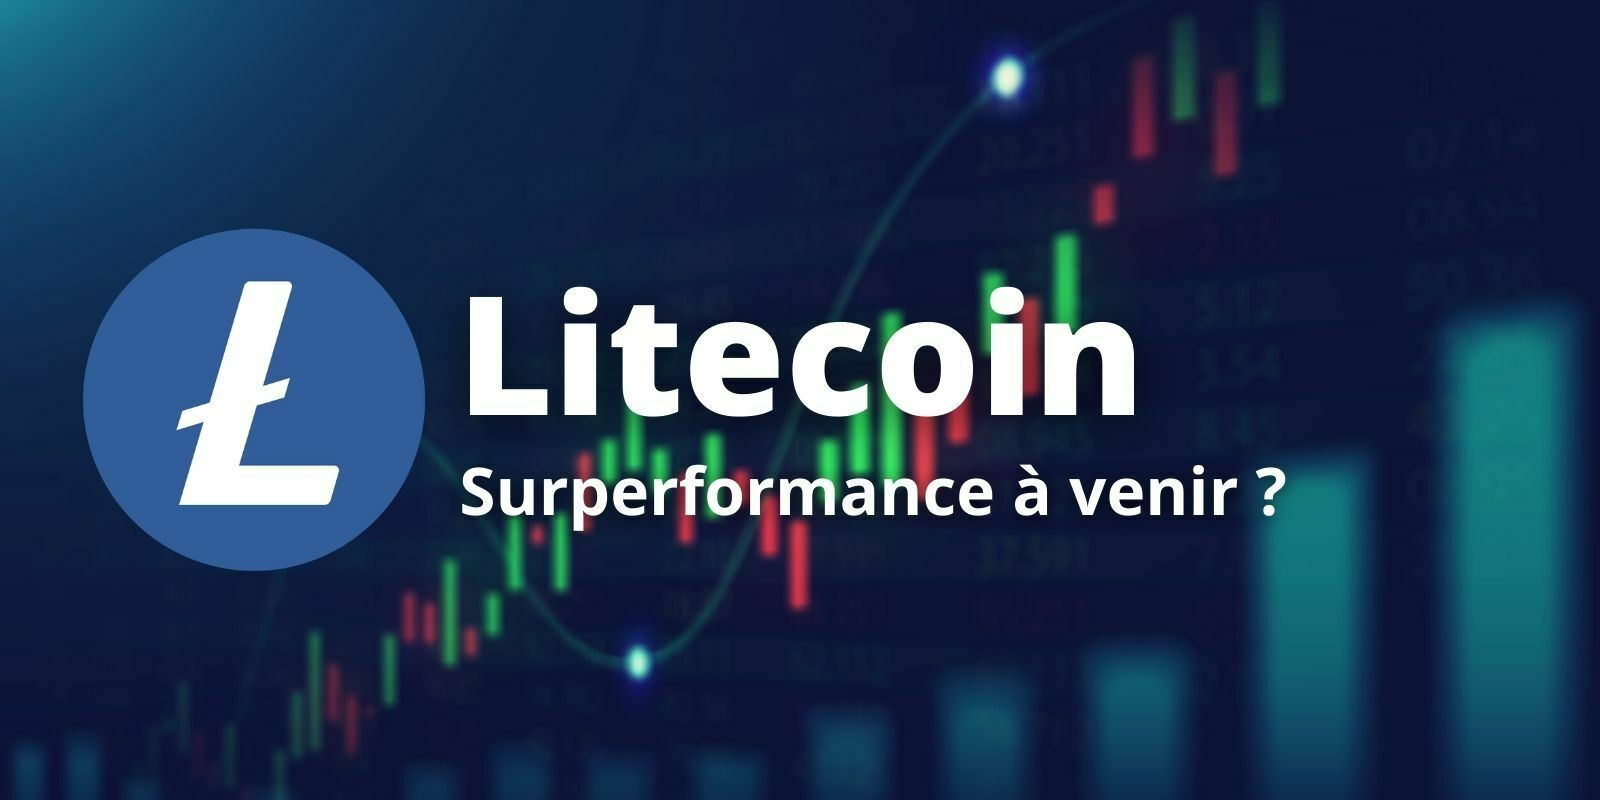 Litecoin (LTC) - Vers un cycle de surperformance ?